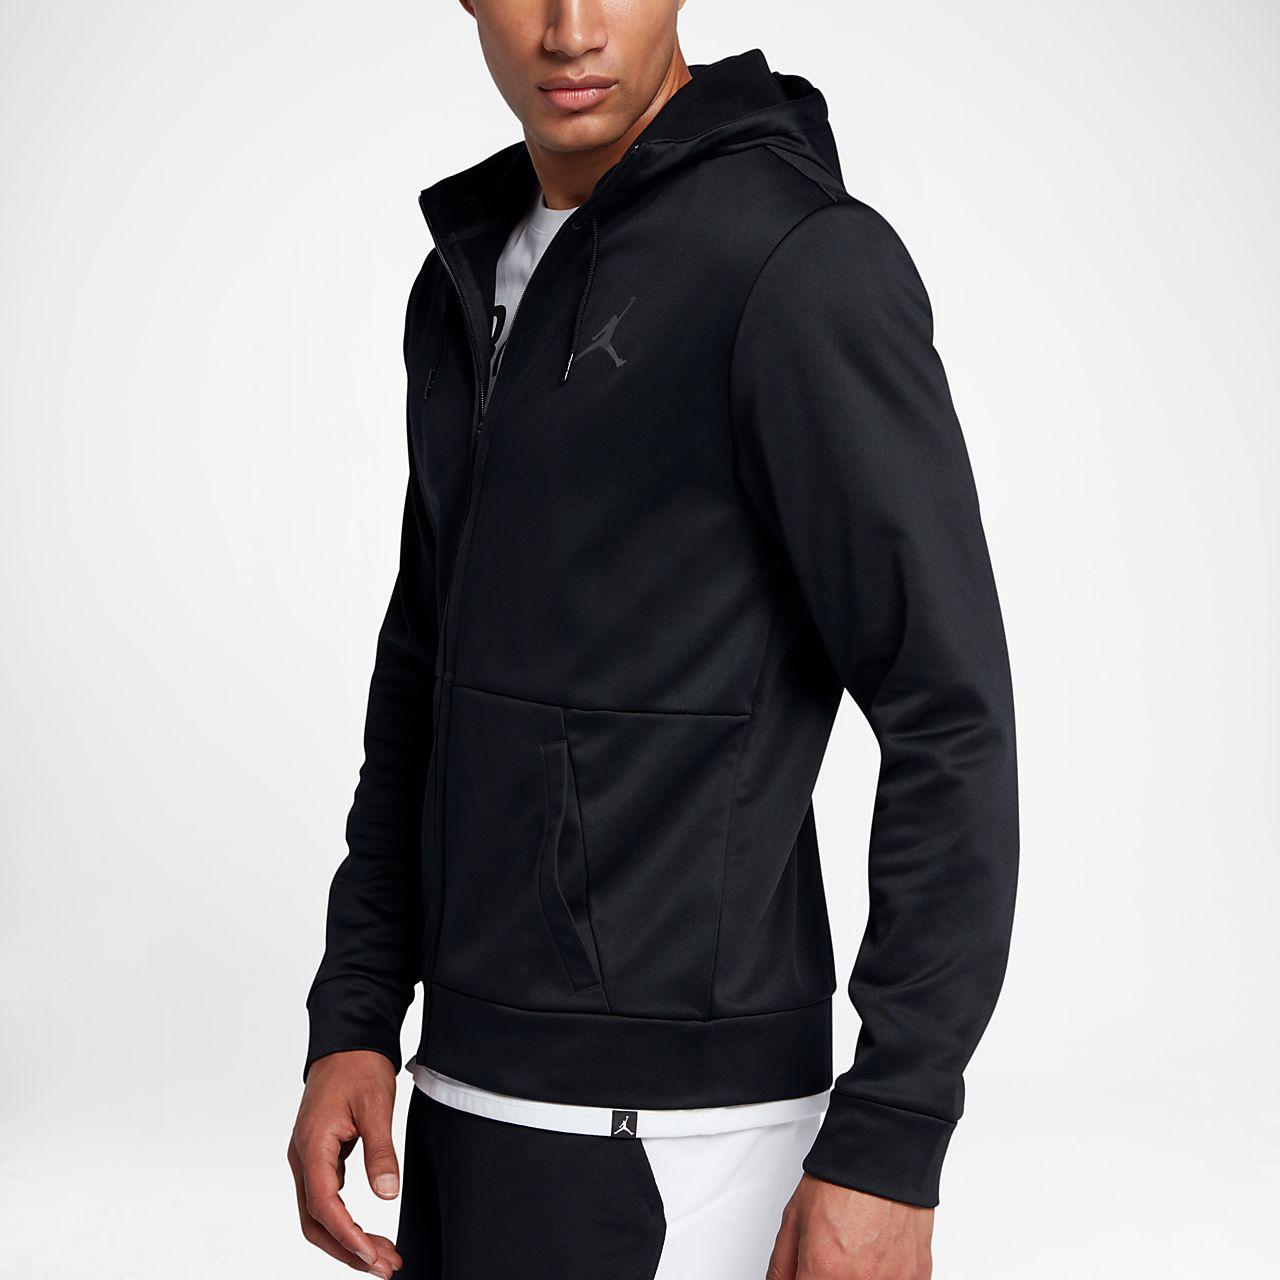 65bdc6185315fd Jordan Therma 23 Alpha Men s Full-Zip Hoodie. Nike.com NZ